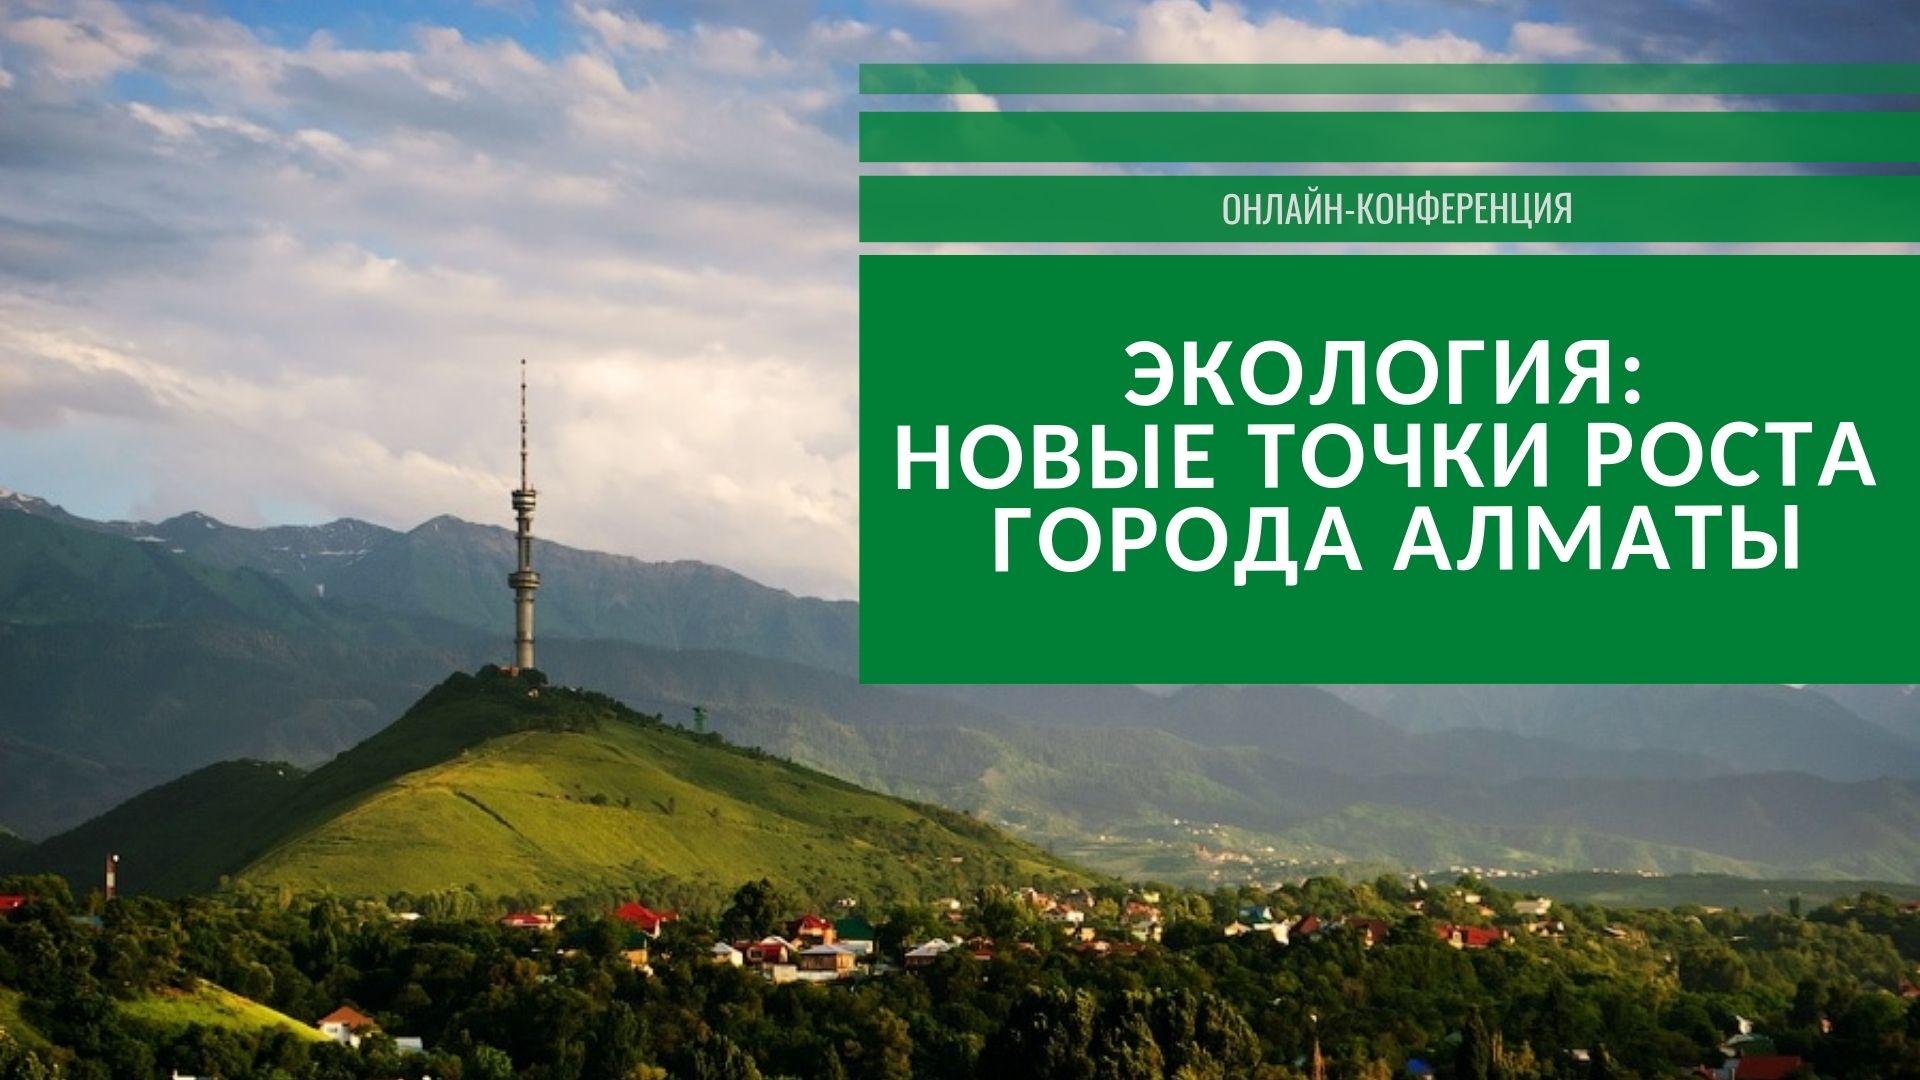 Новые точки роста города Алматы: приглашаем на онлайн-конференцию